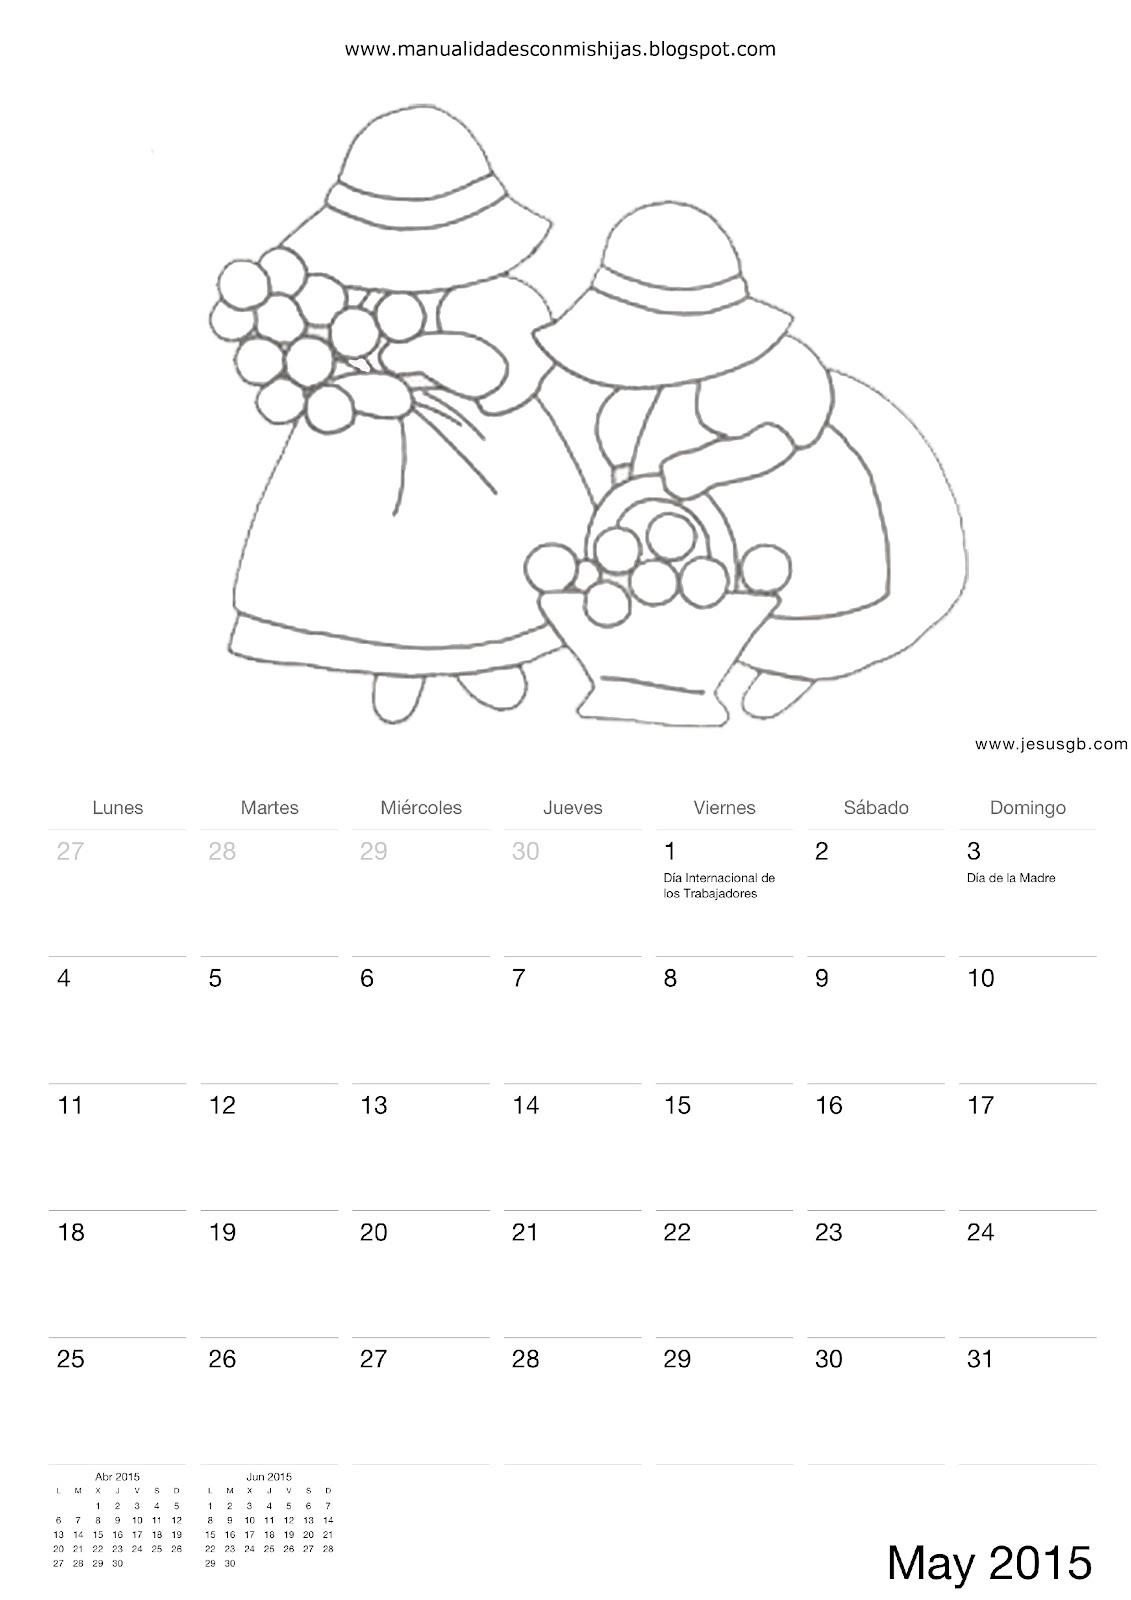 Manualidades con mis hijas: Calendario 2015 para colorear los niños